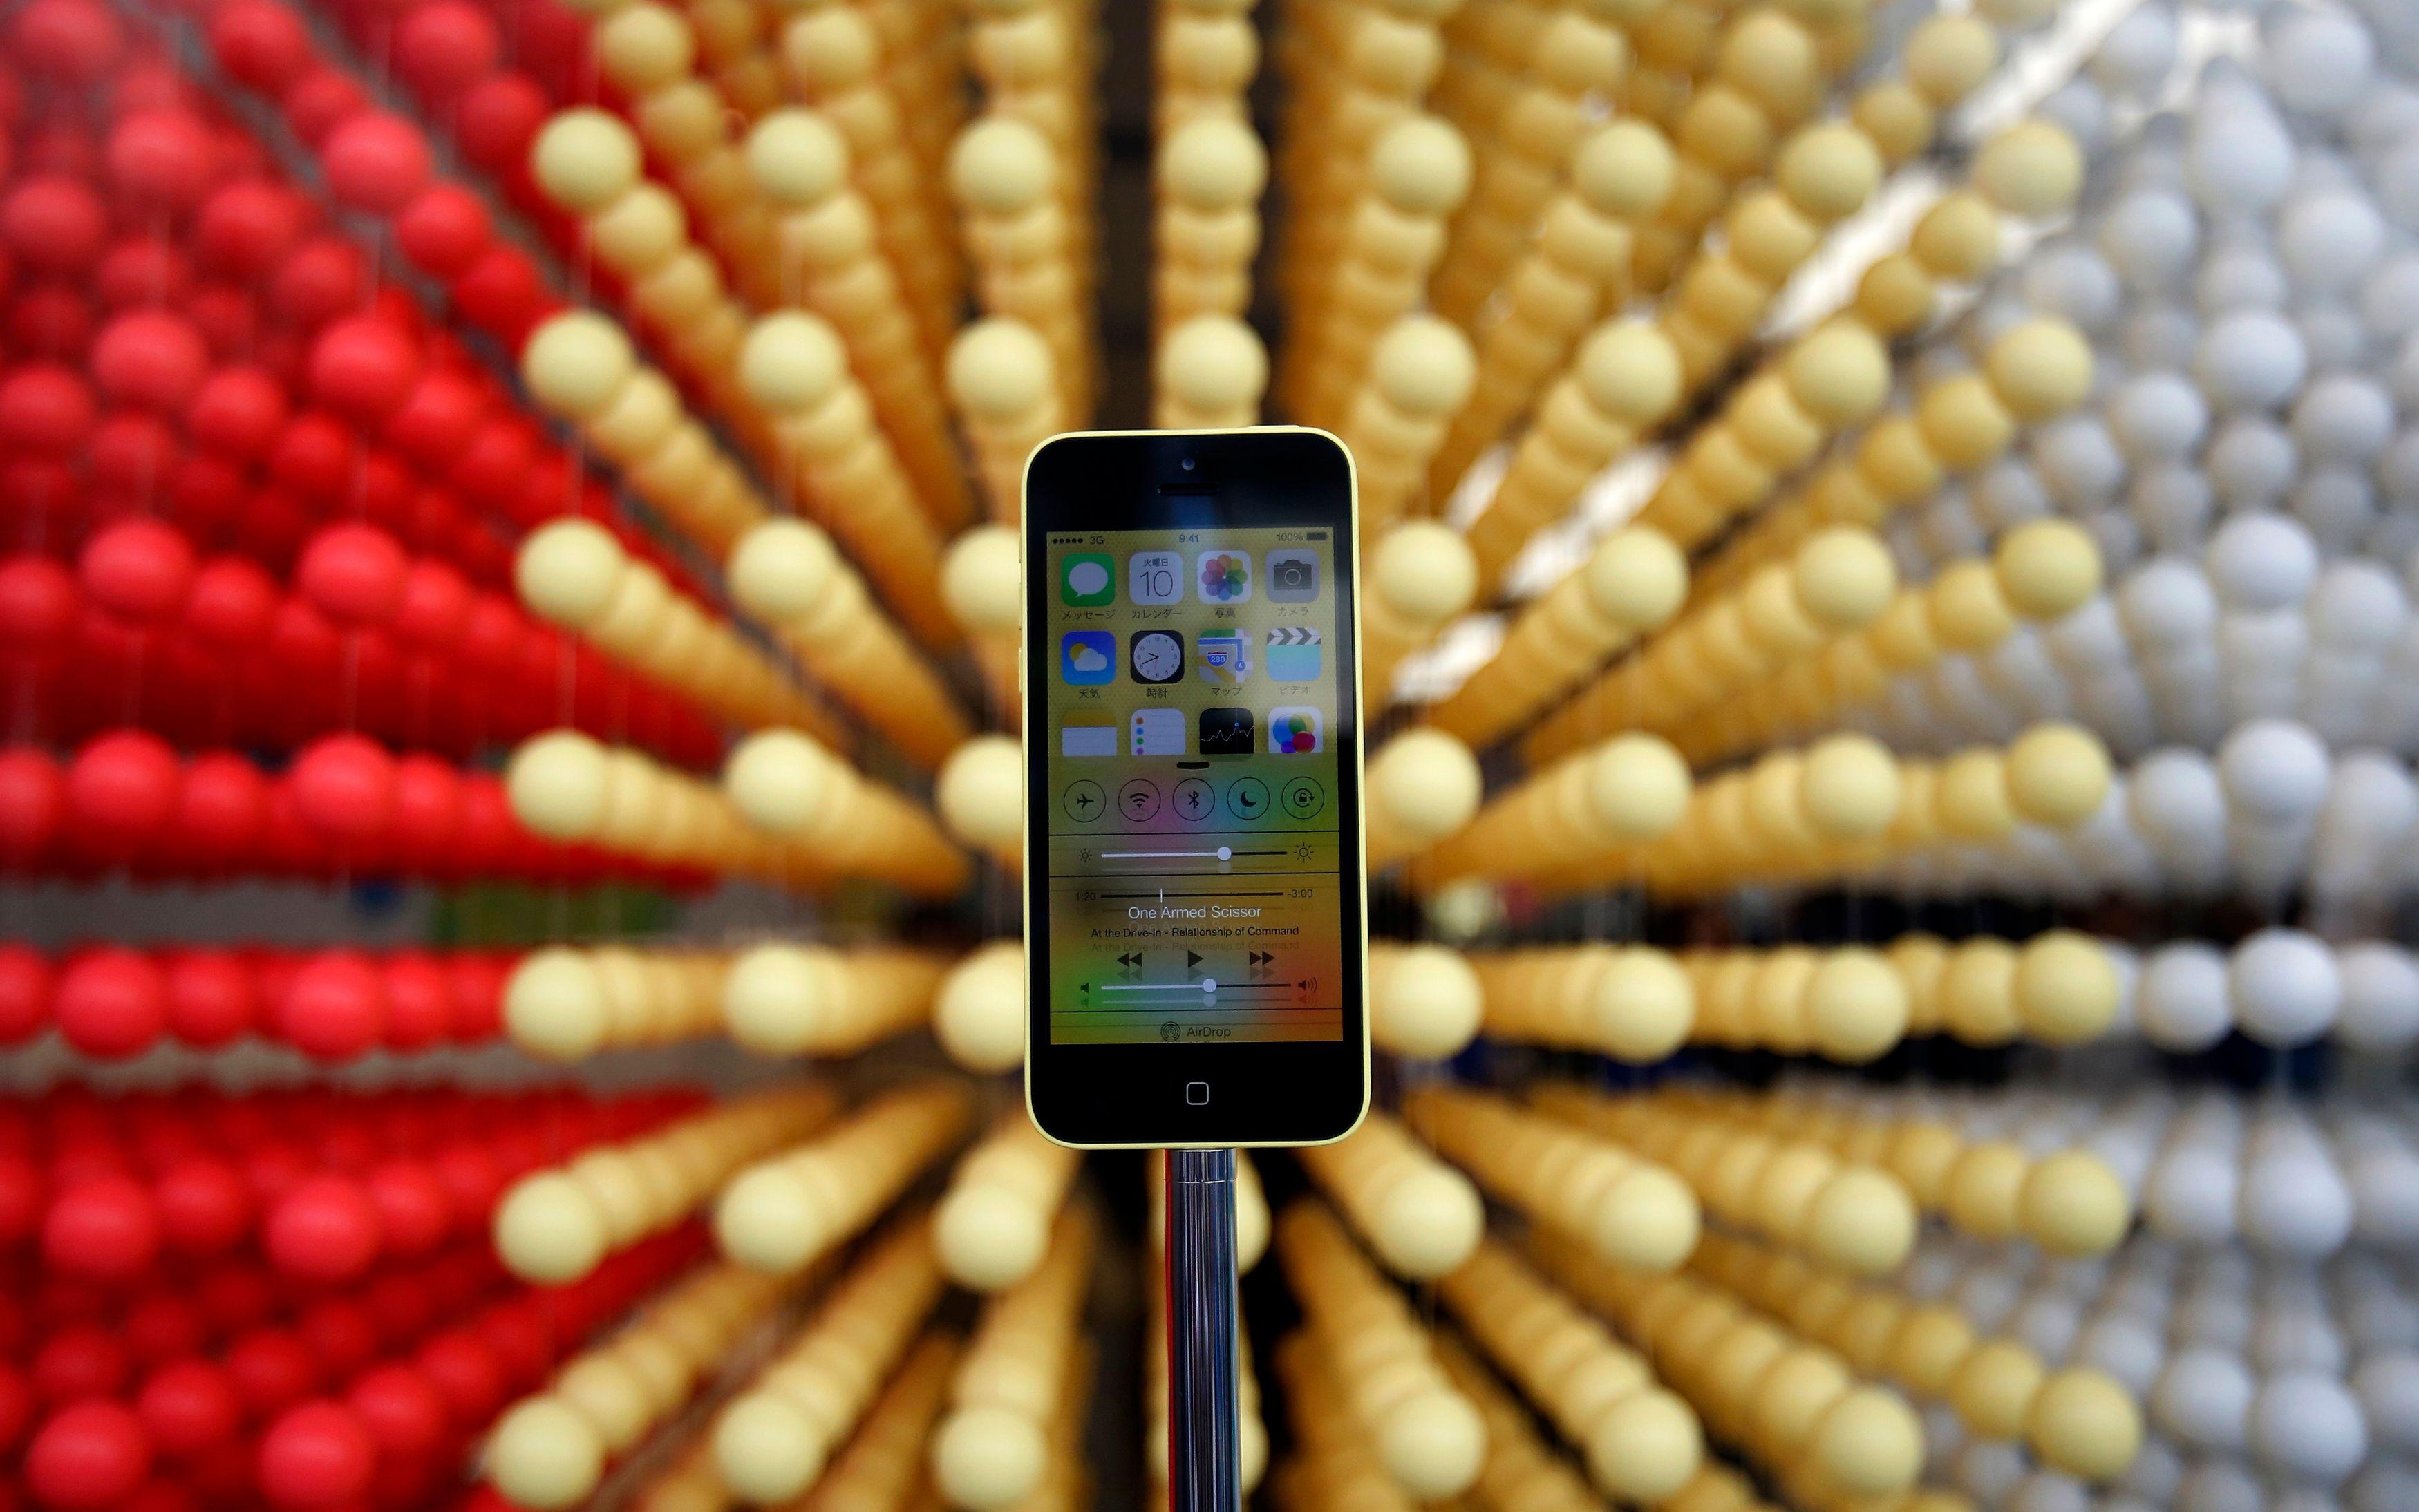 Sur l'ensemble de l'année fiscale 2013, Apple a écoulé plus de 150 millions d'iPhone.